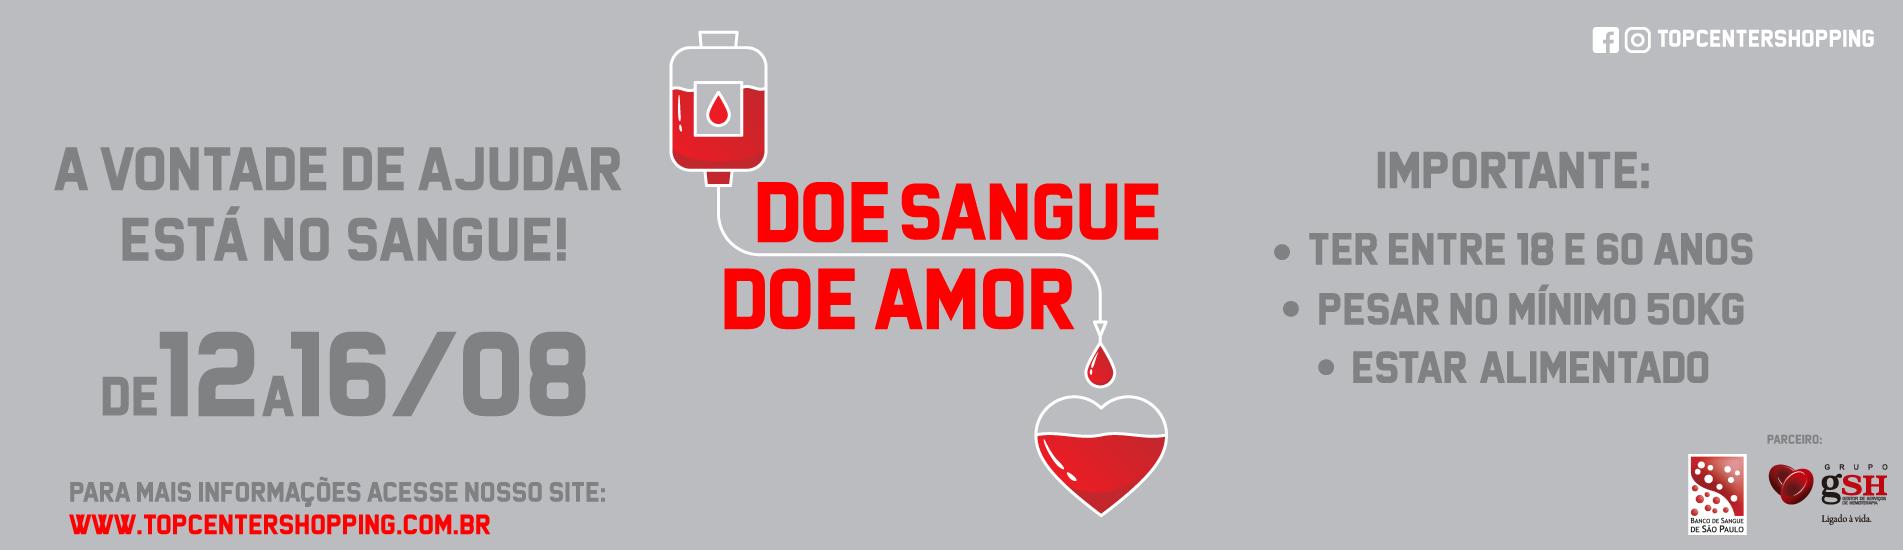 Doe Sangue Doe Amor